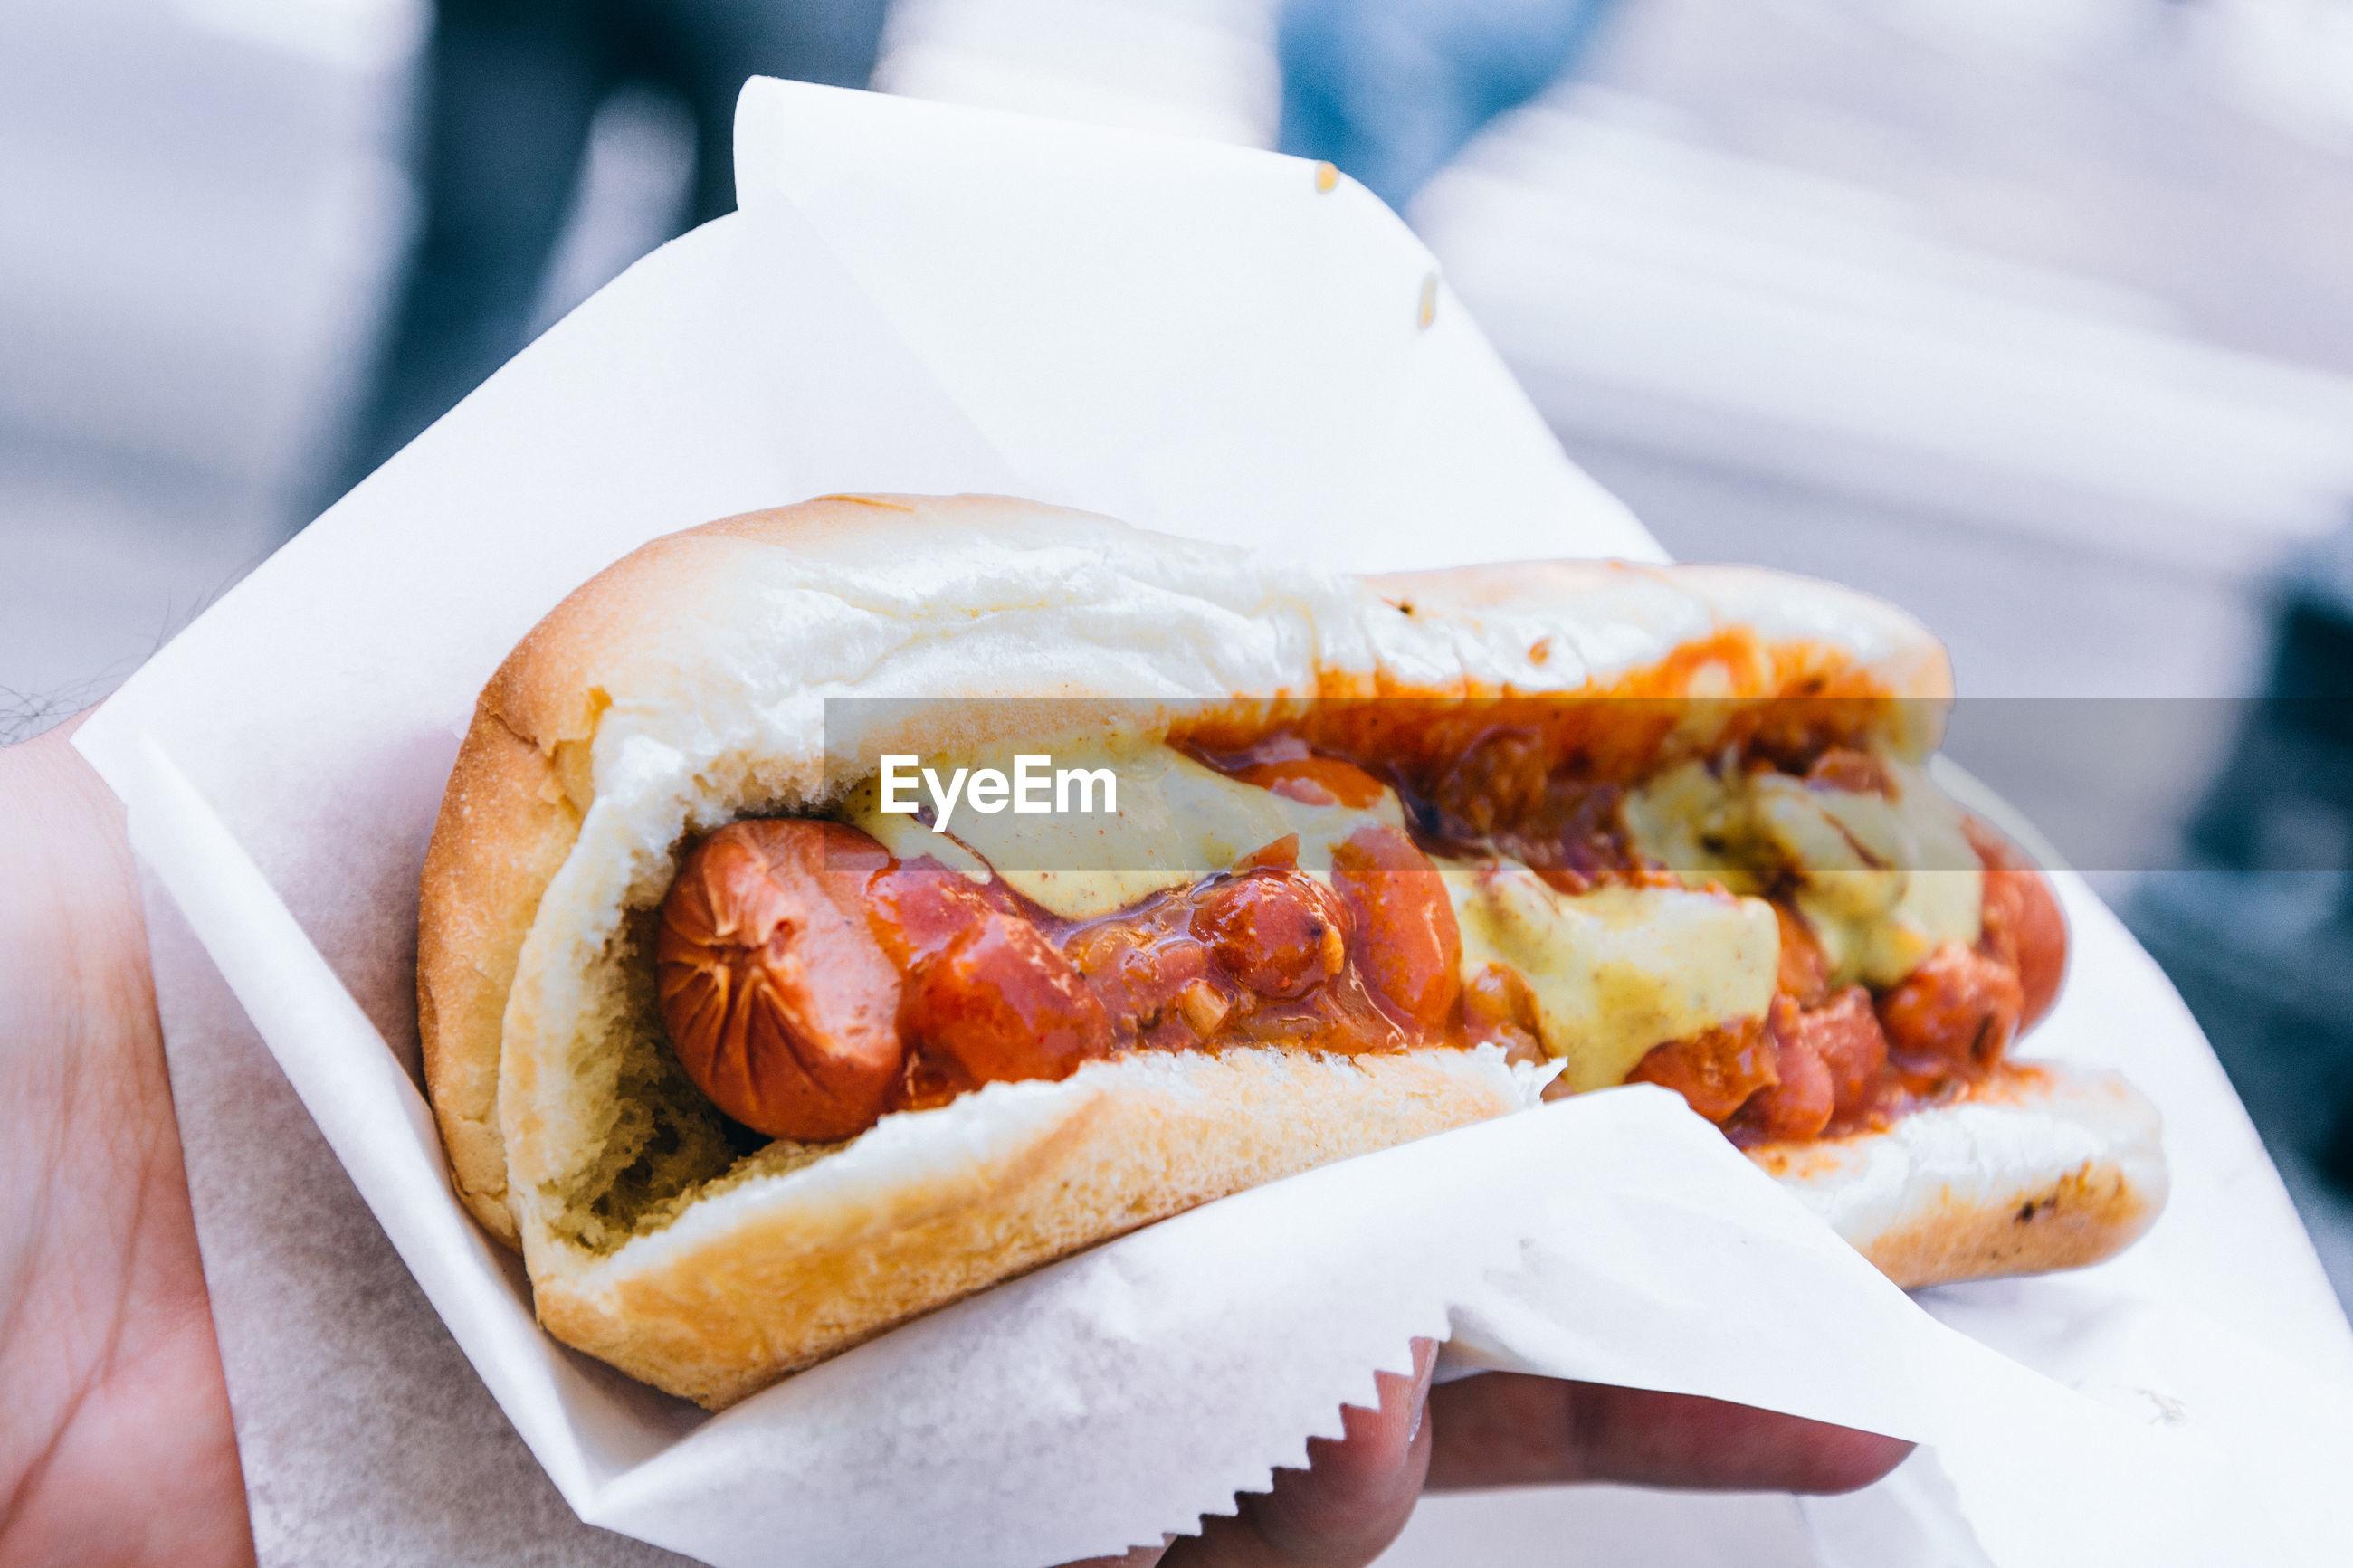 Cropped image of hand holding hot dog